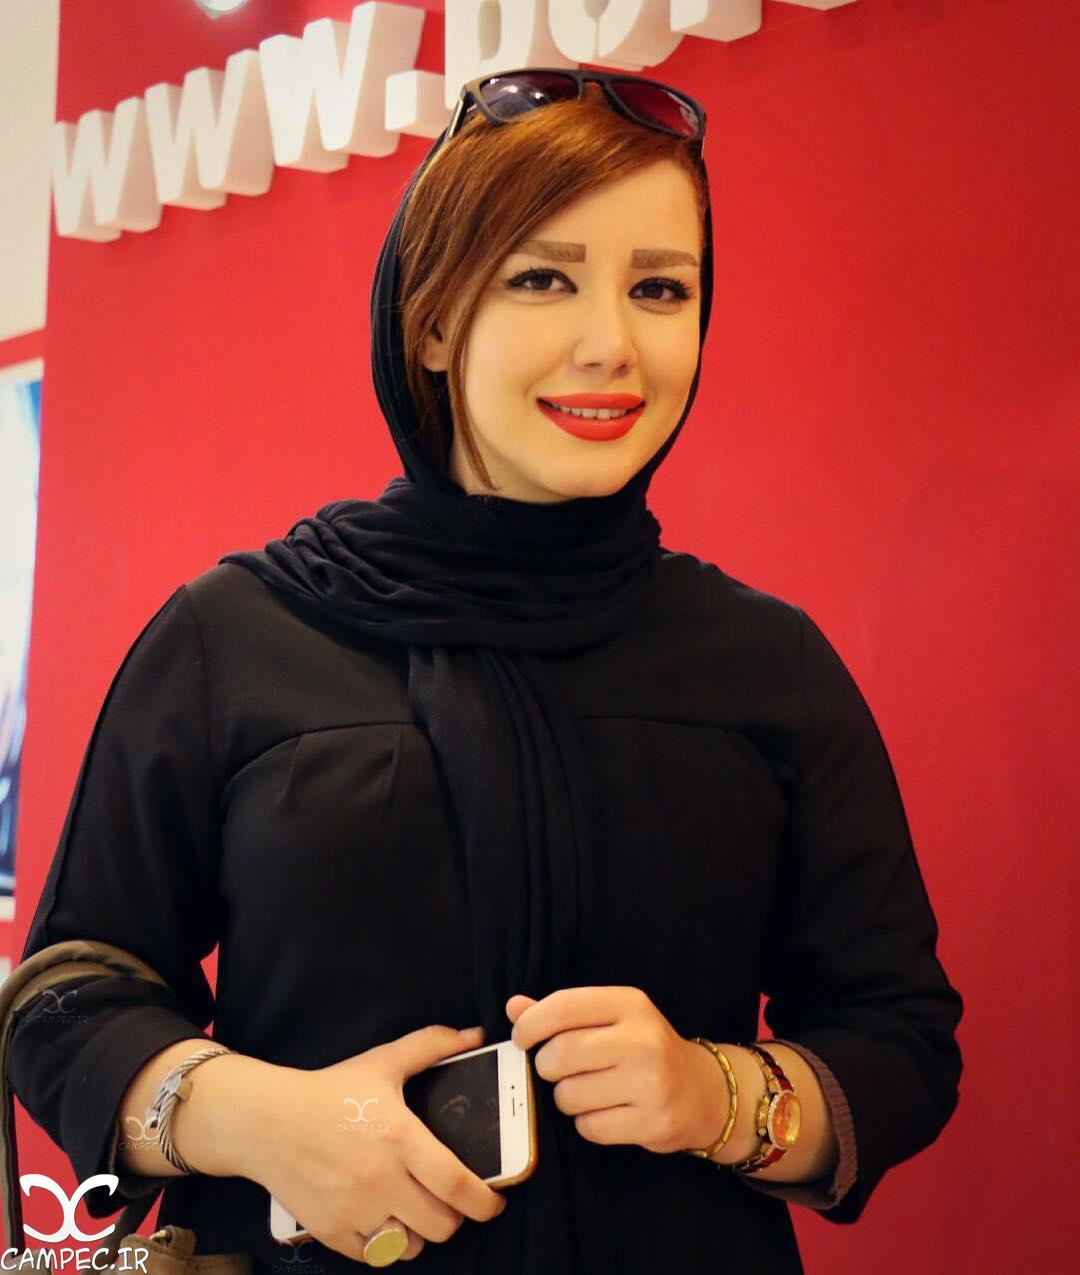 شیما شهامتی در نمایشگاه مطبوعات